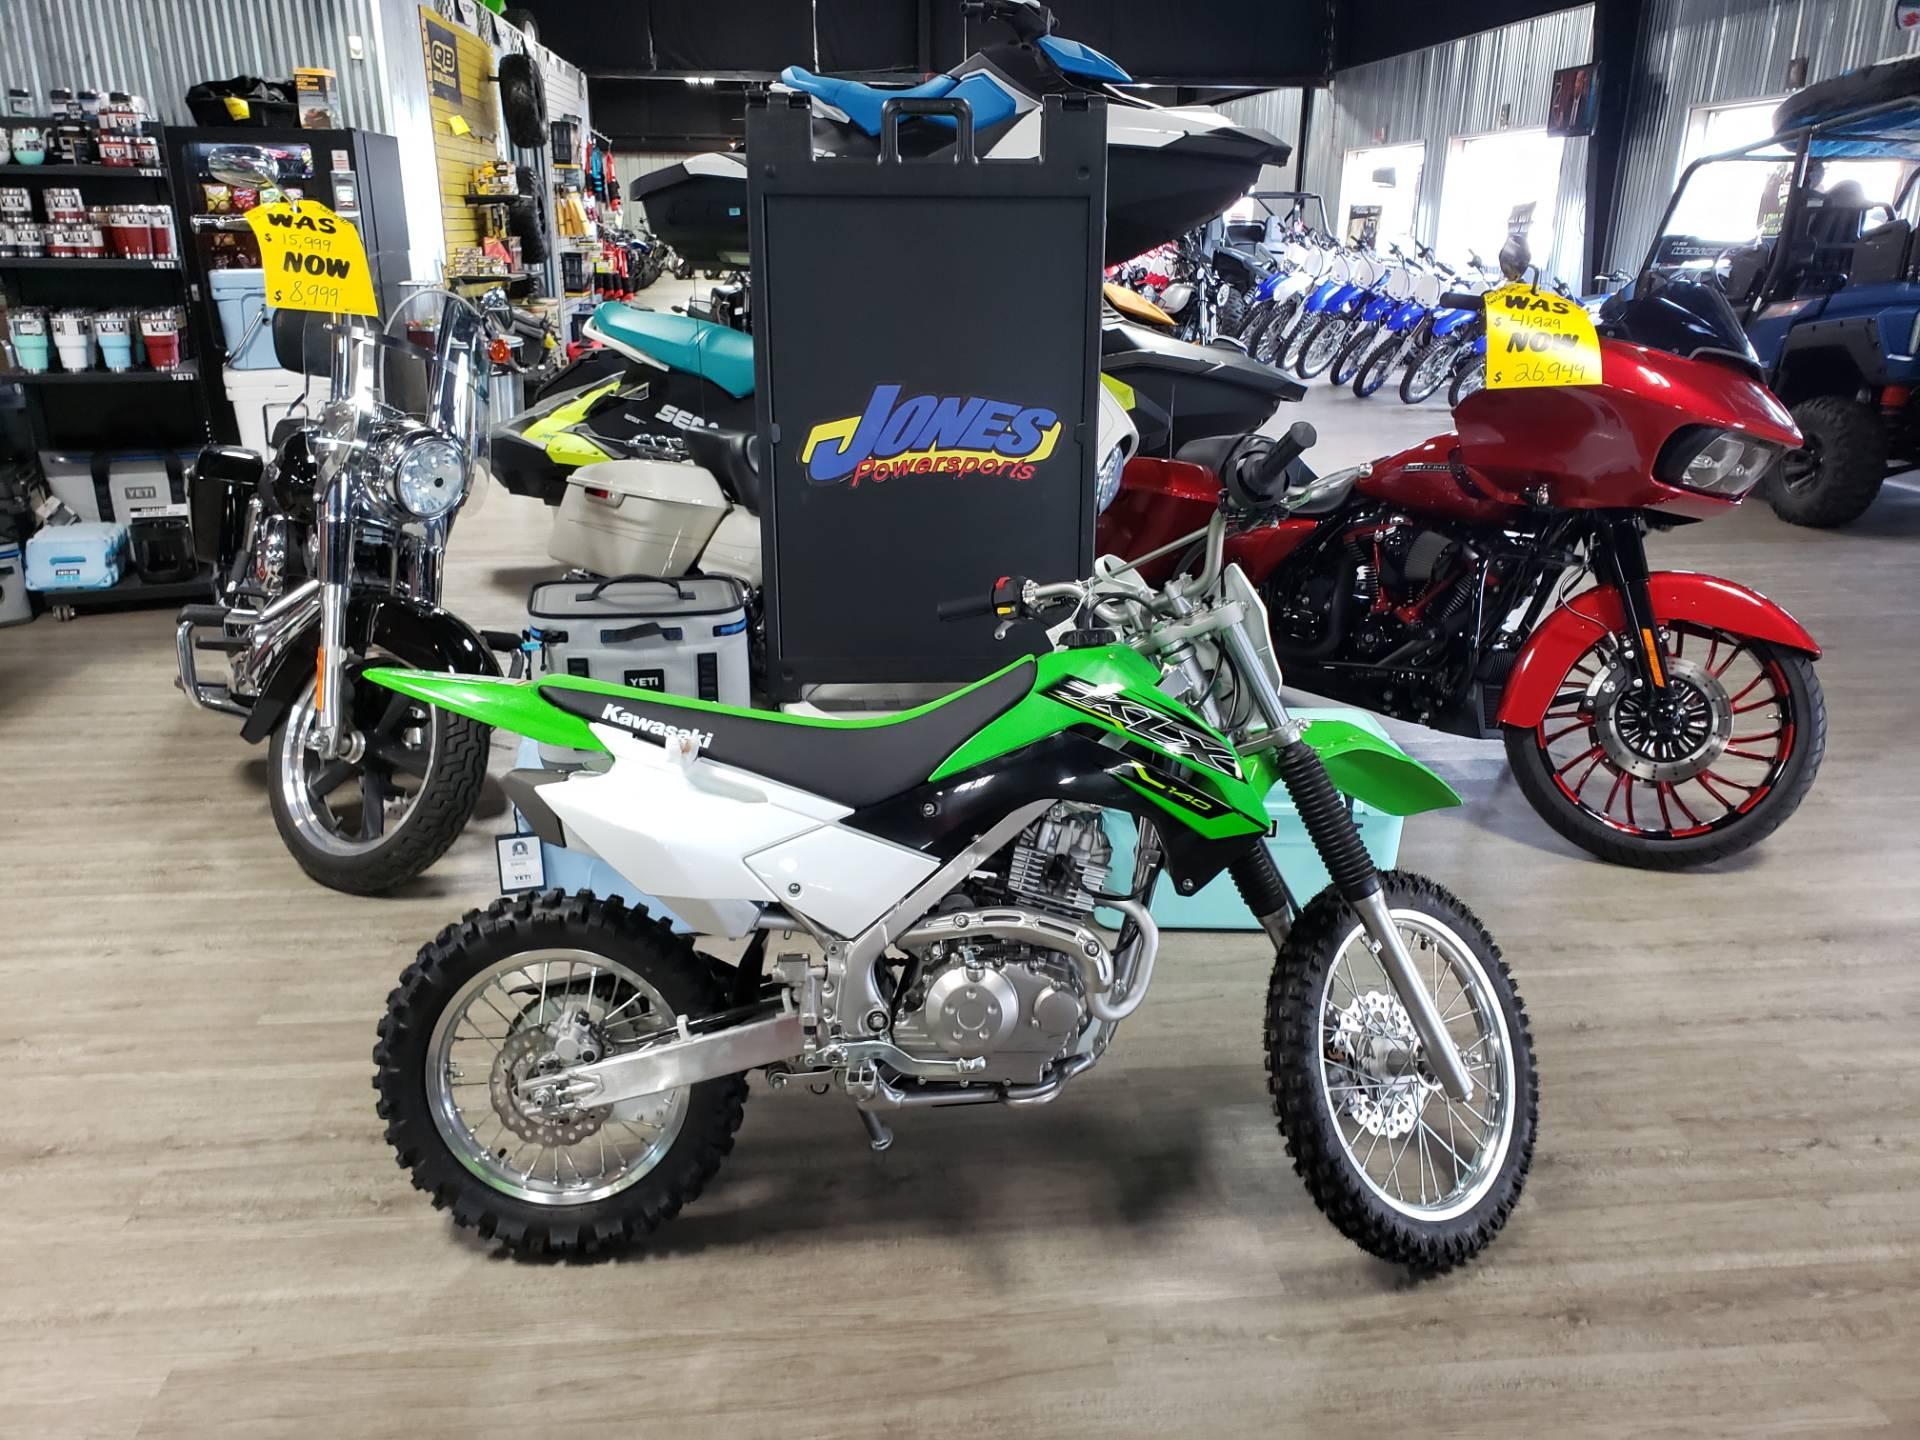 2019 Kawasaki KLX 140 for sale 4094